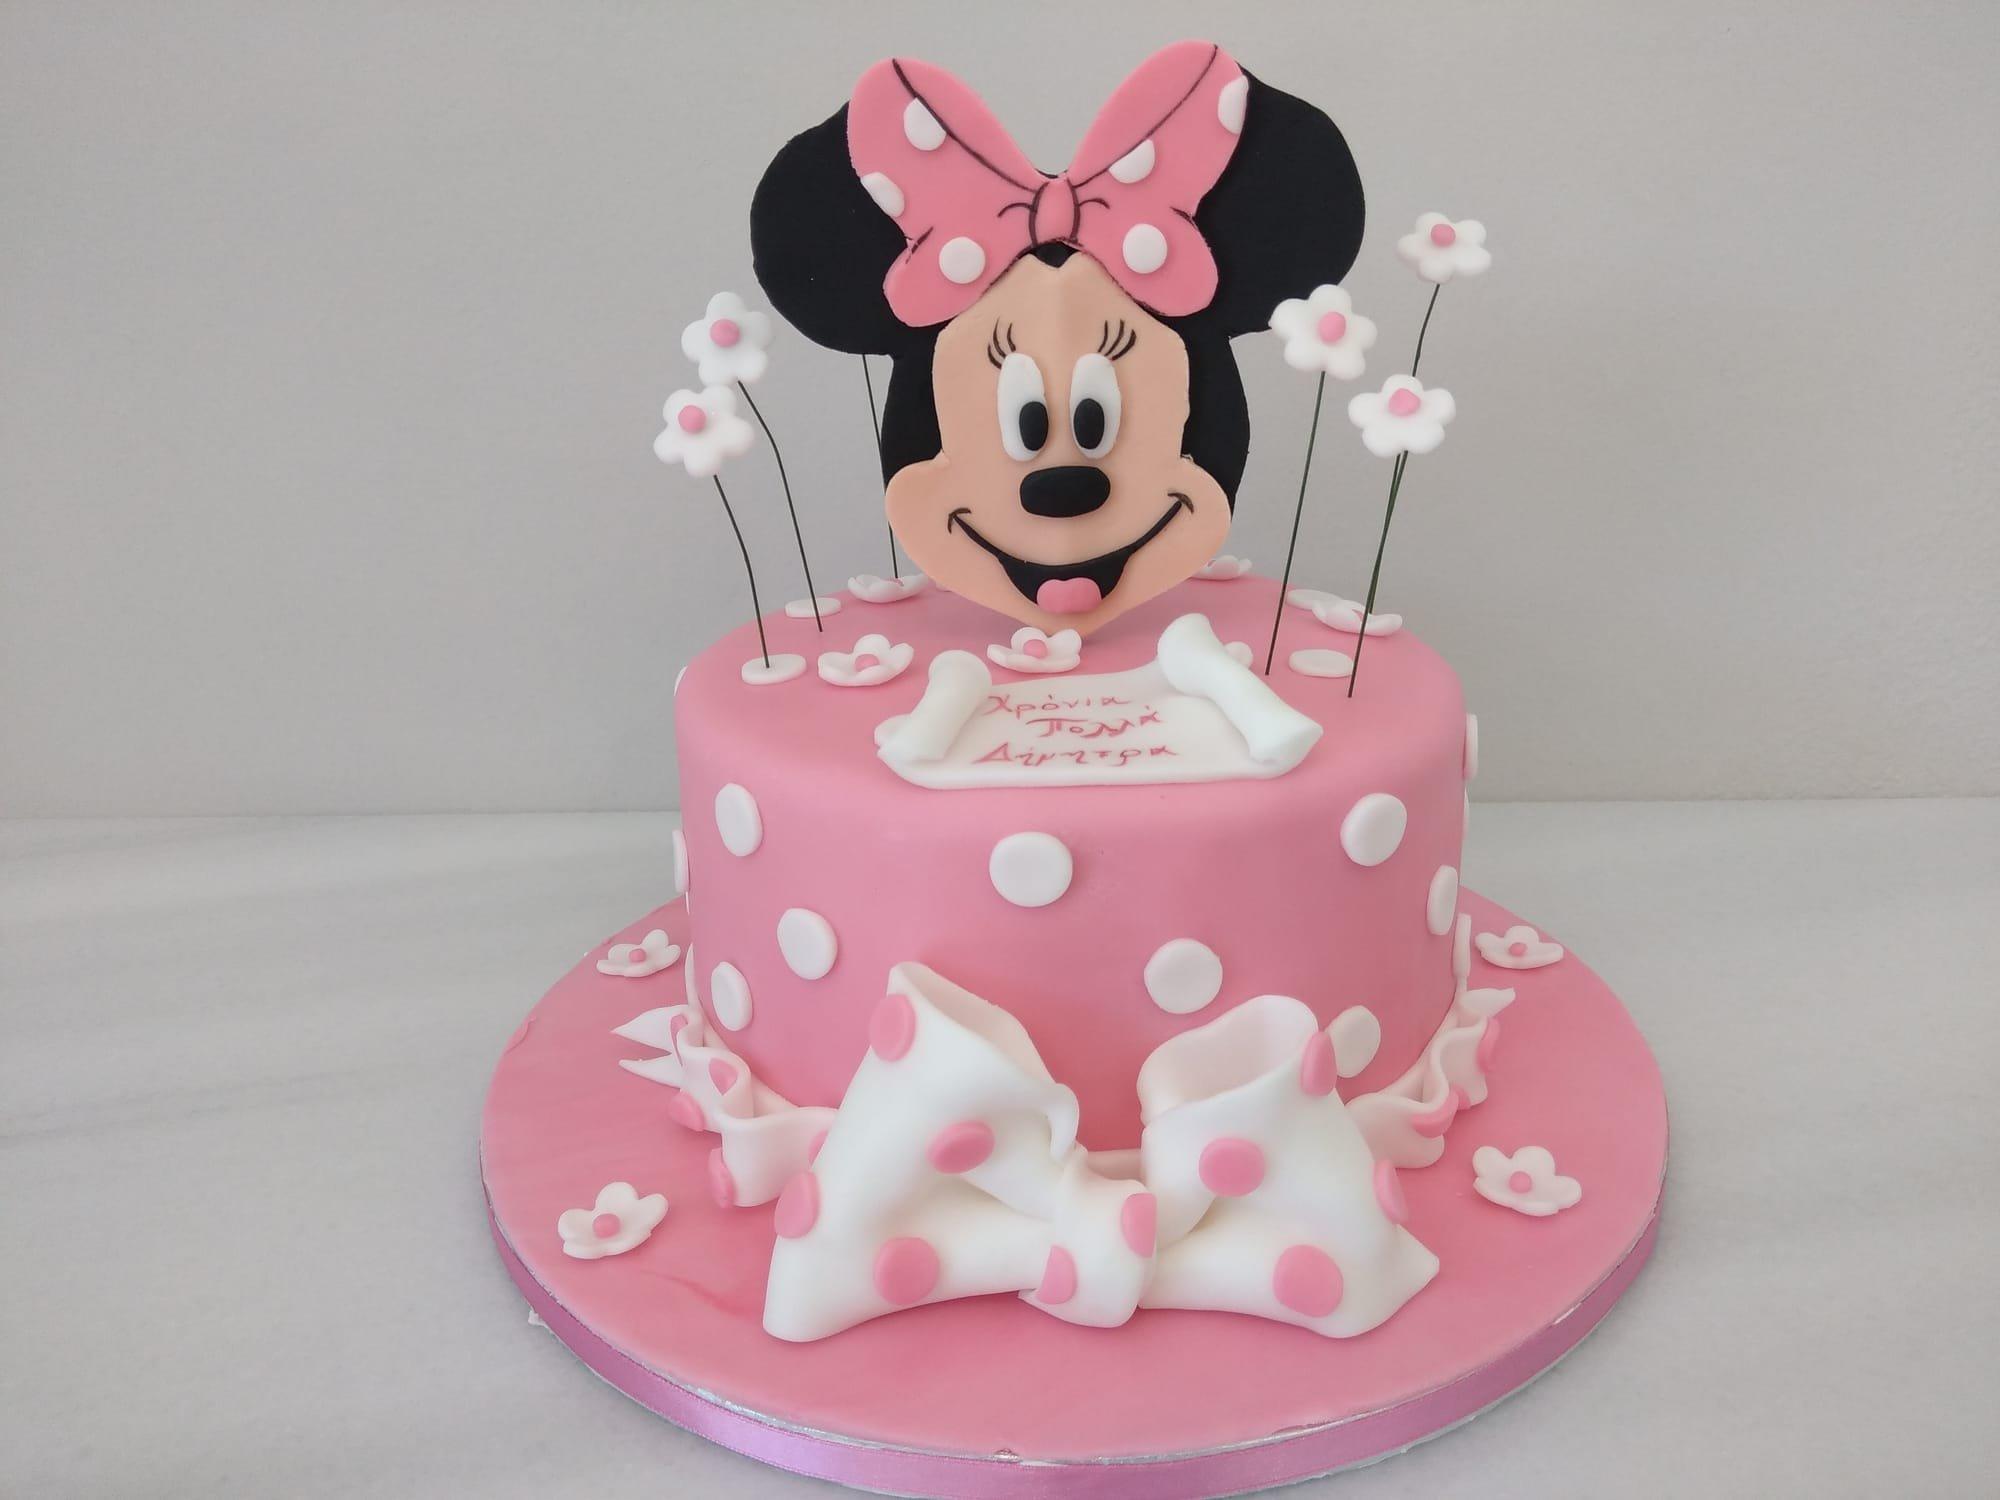 τούρτα από ζαχαρόπαστα minnie mouse, Ζαχαροπλαστείο καλαμάτα madamecharlotte.gr, birthday cakes 2d 3d confectionery patisserie kalamata